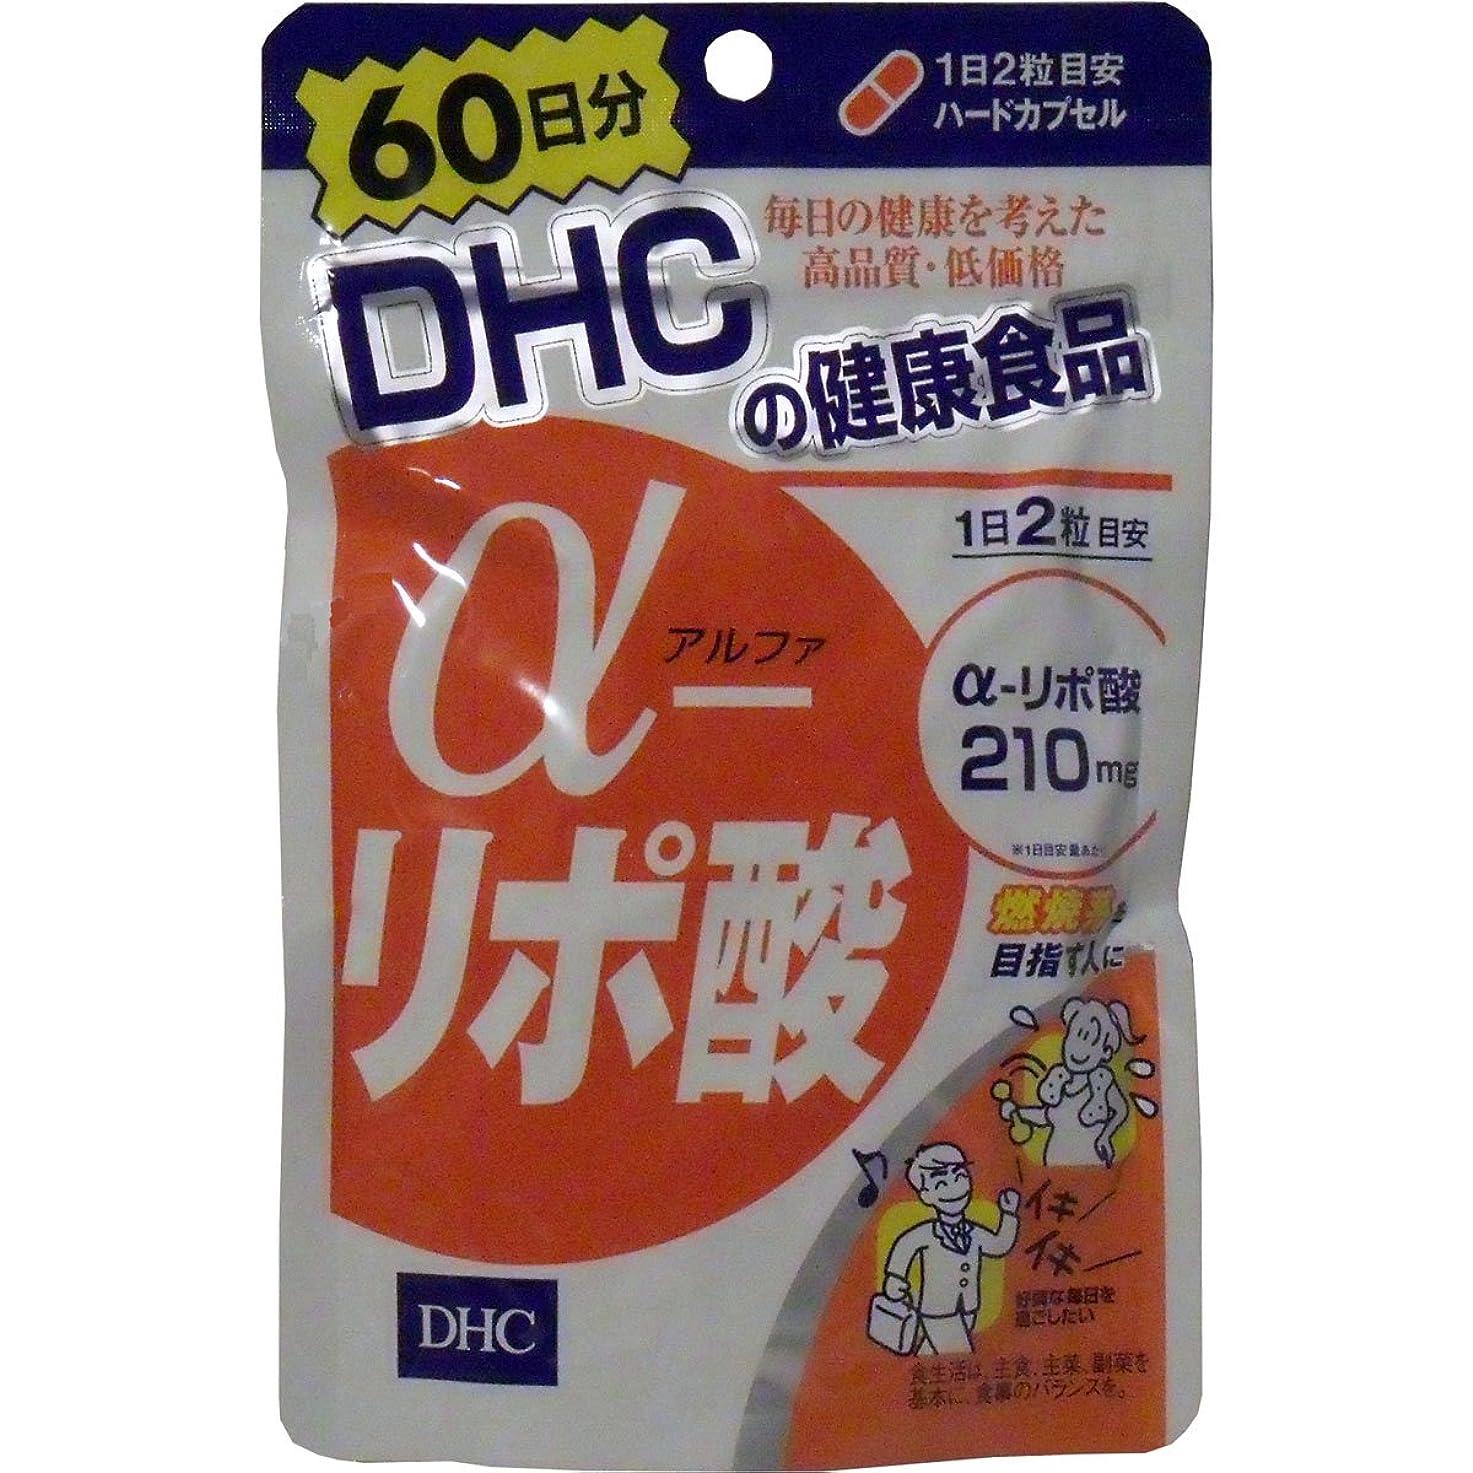 偶然パラダイス余剰DHC α-リポ酸60日分 120粒×3個セット